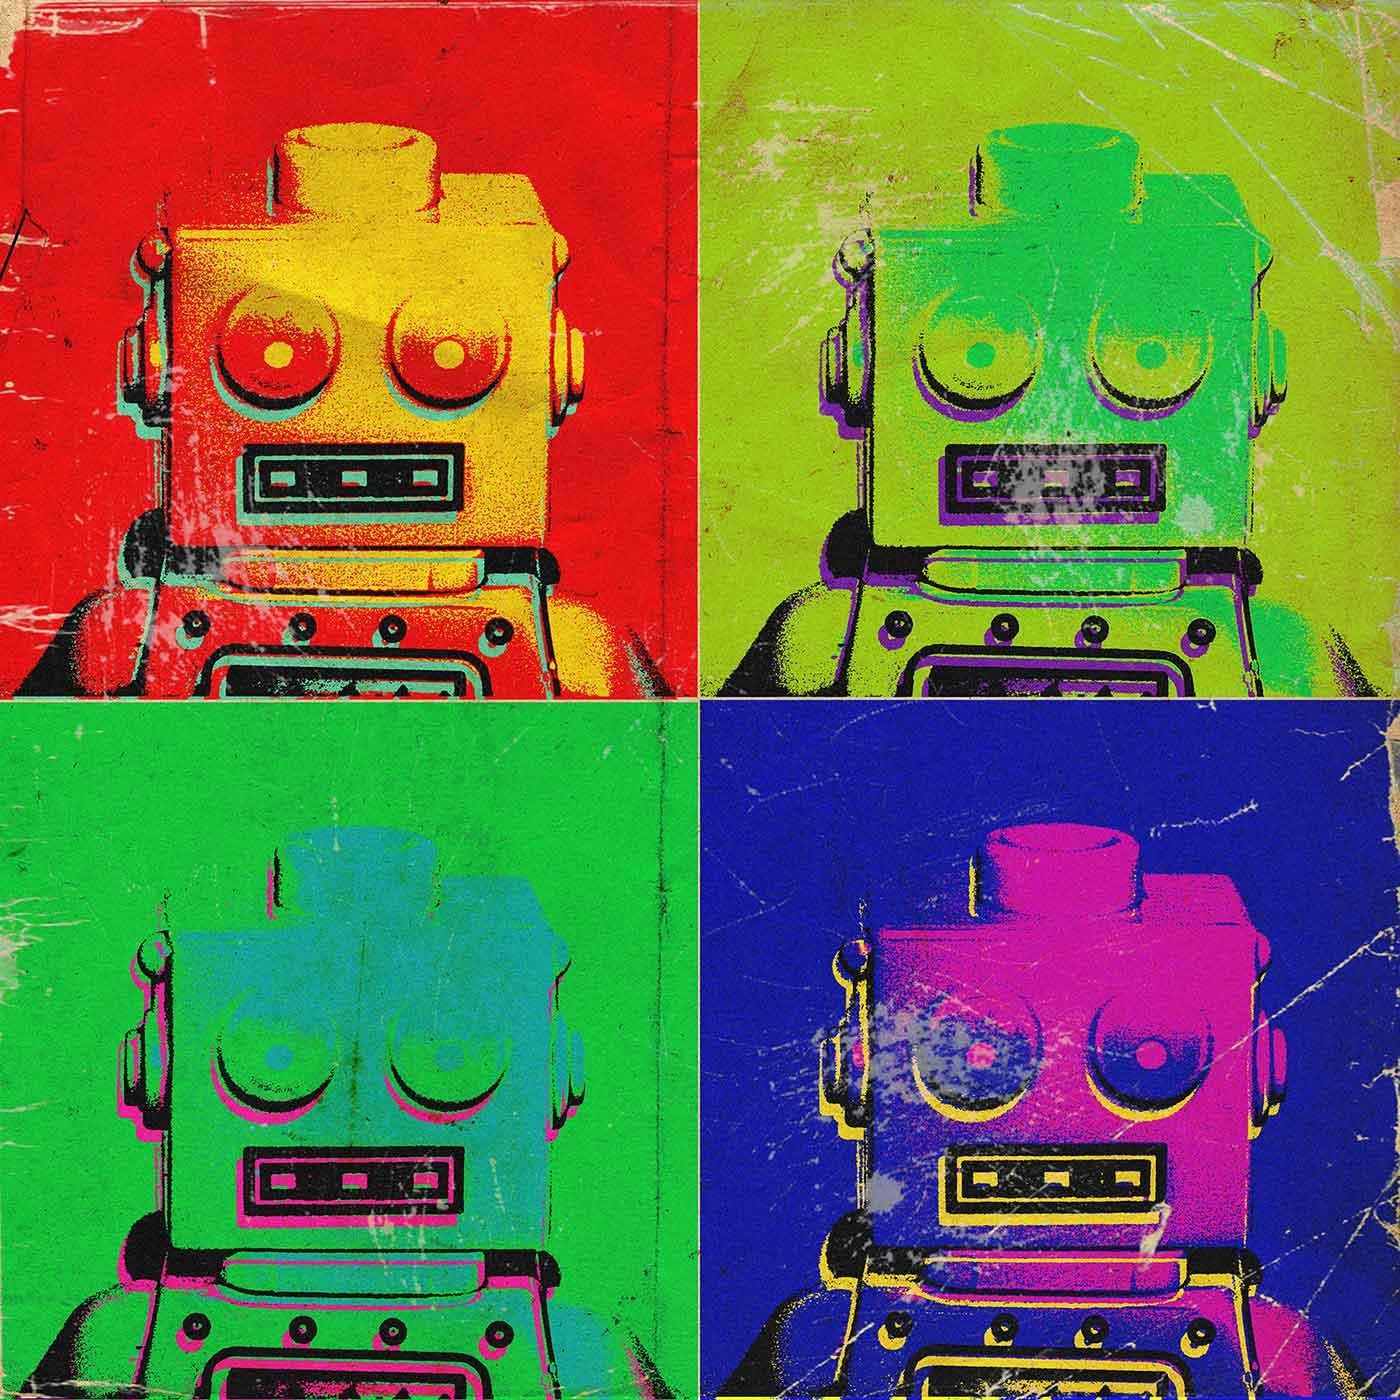 Robot pop art